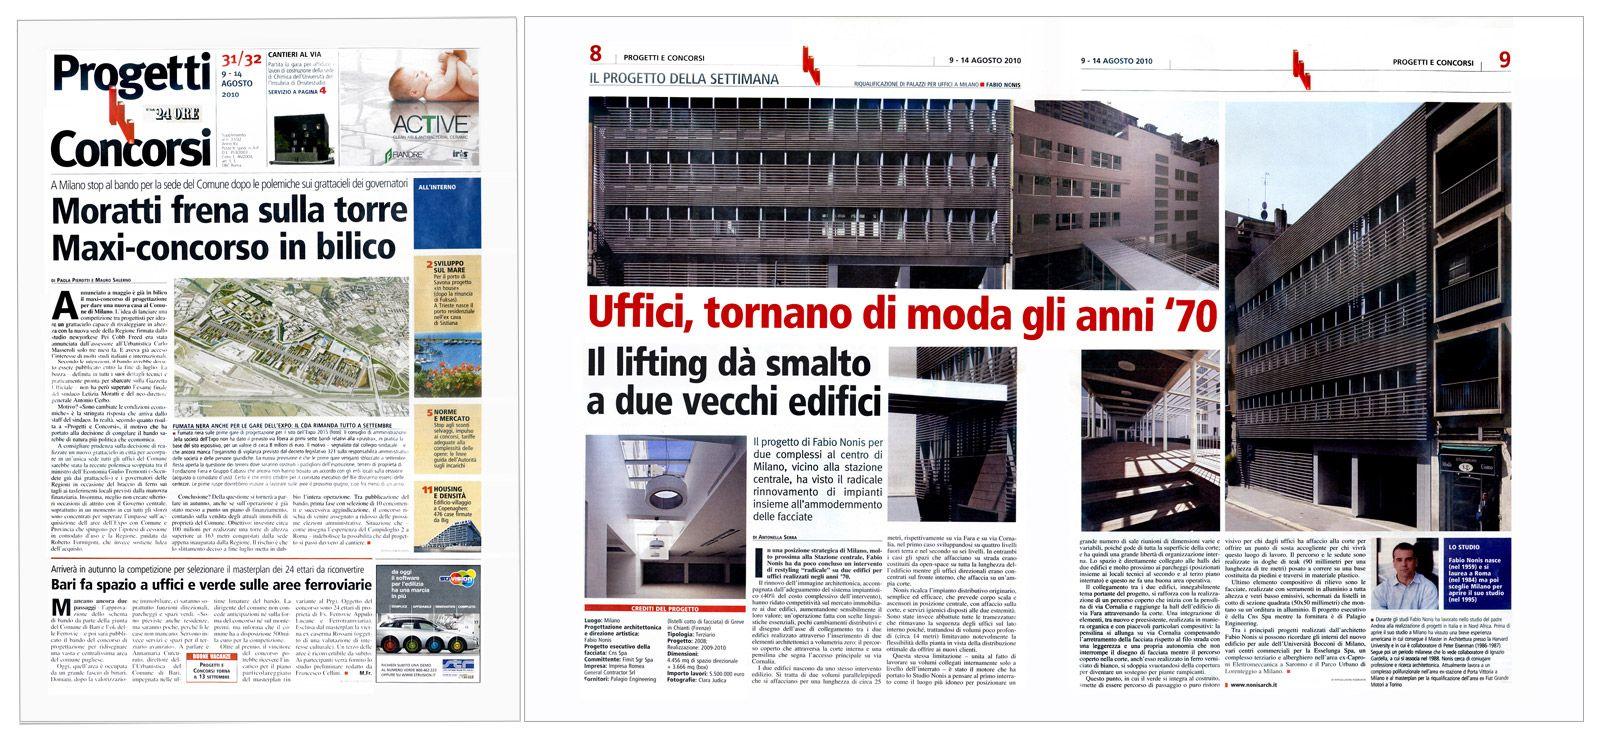 """Edilizia & Territorio, supplemento a """"Il Sole 24 Ore"""", agosto 2010"""